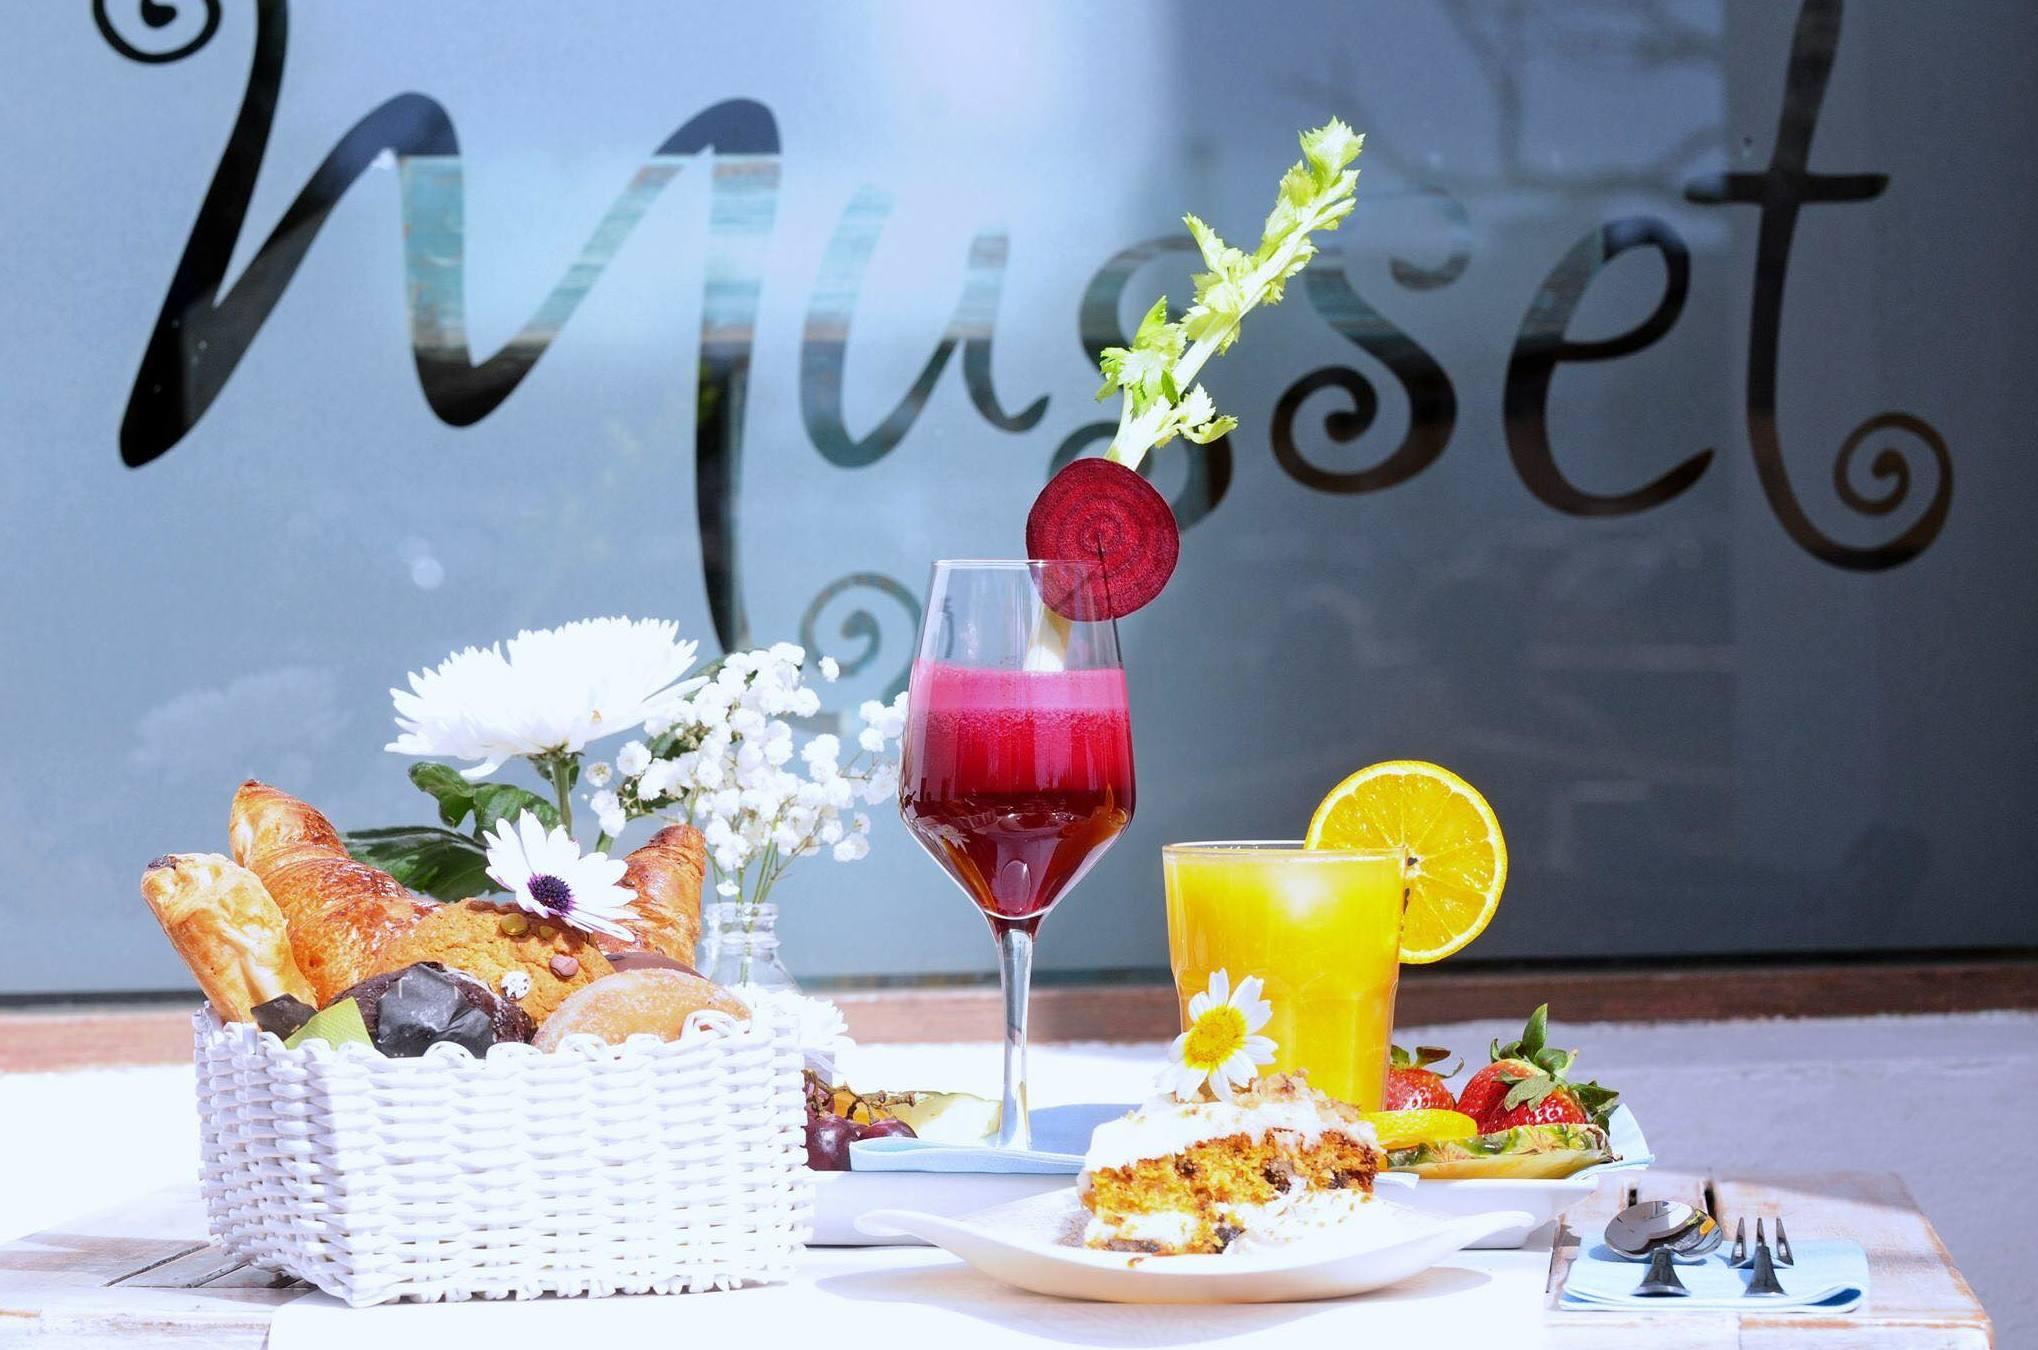 Desayunos saludables Ibiza